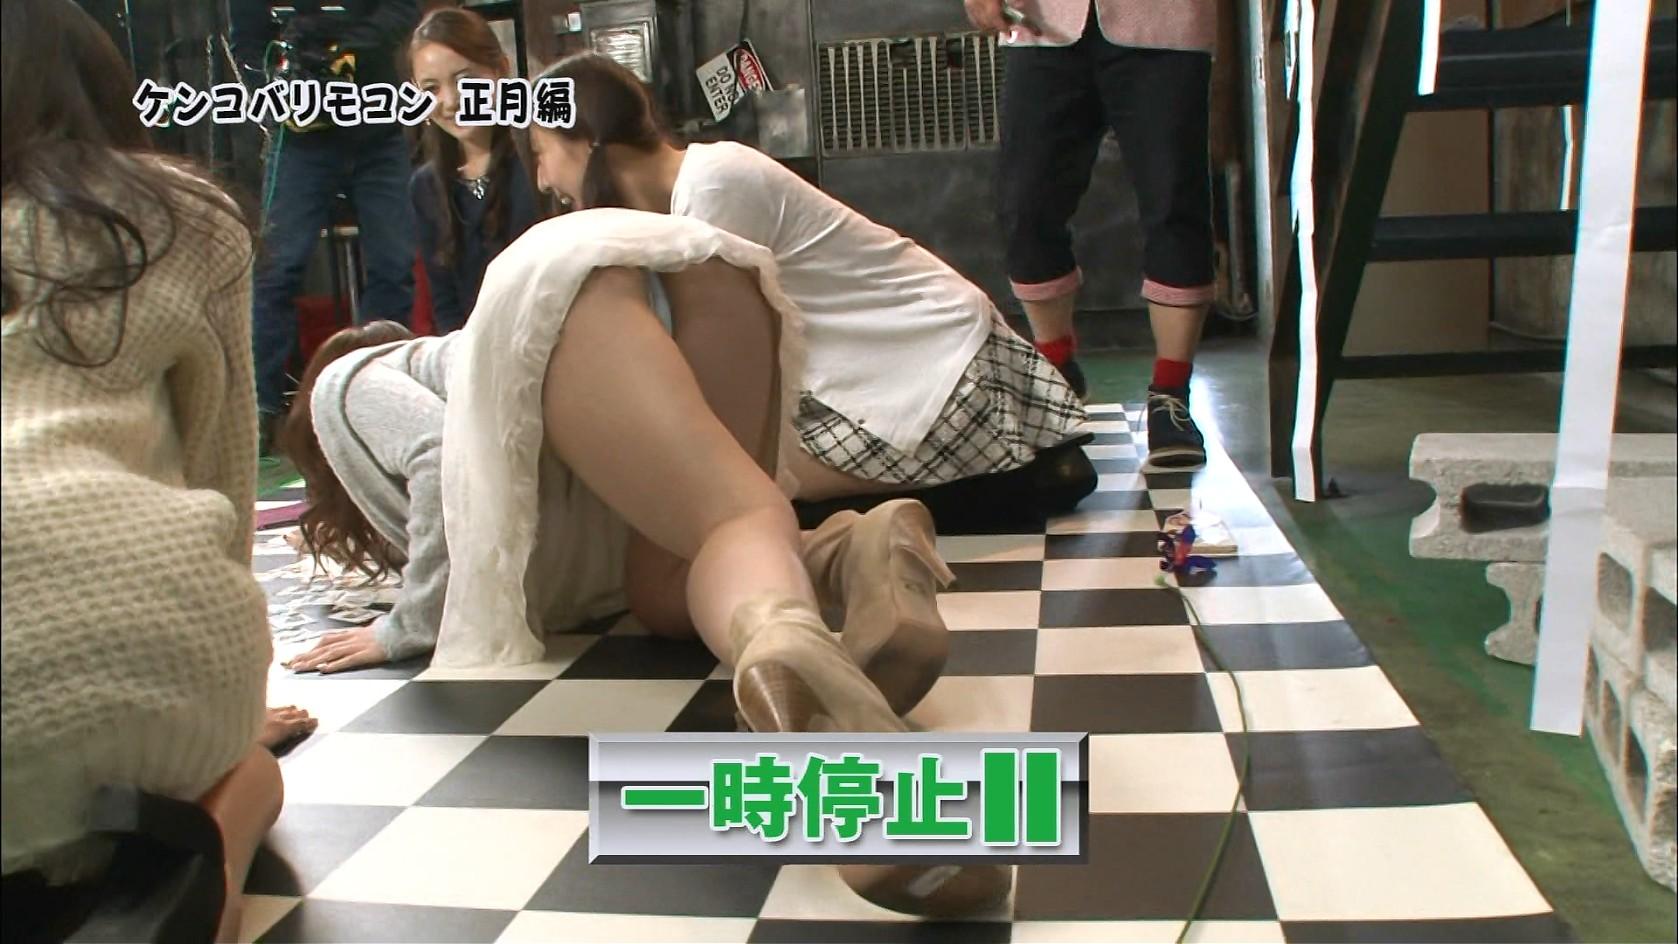 TVでAV女優8